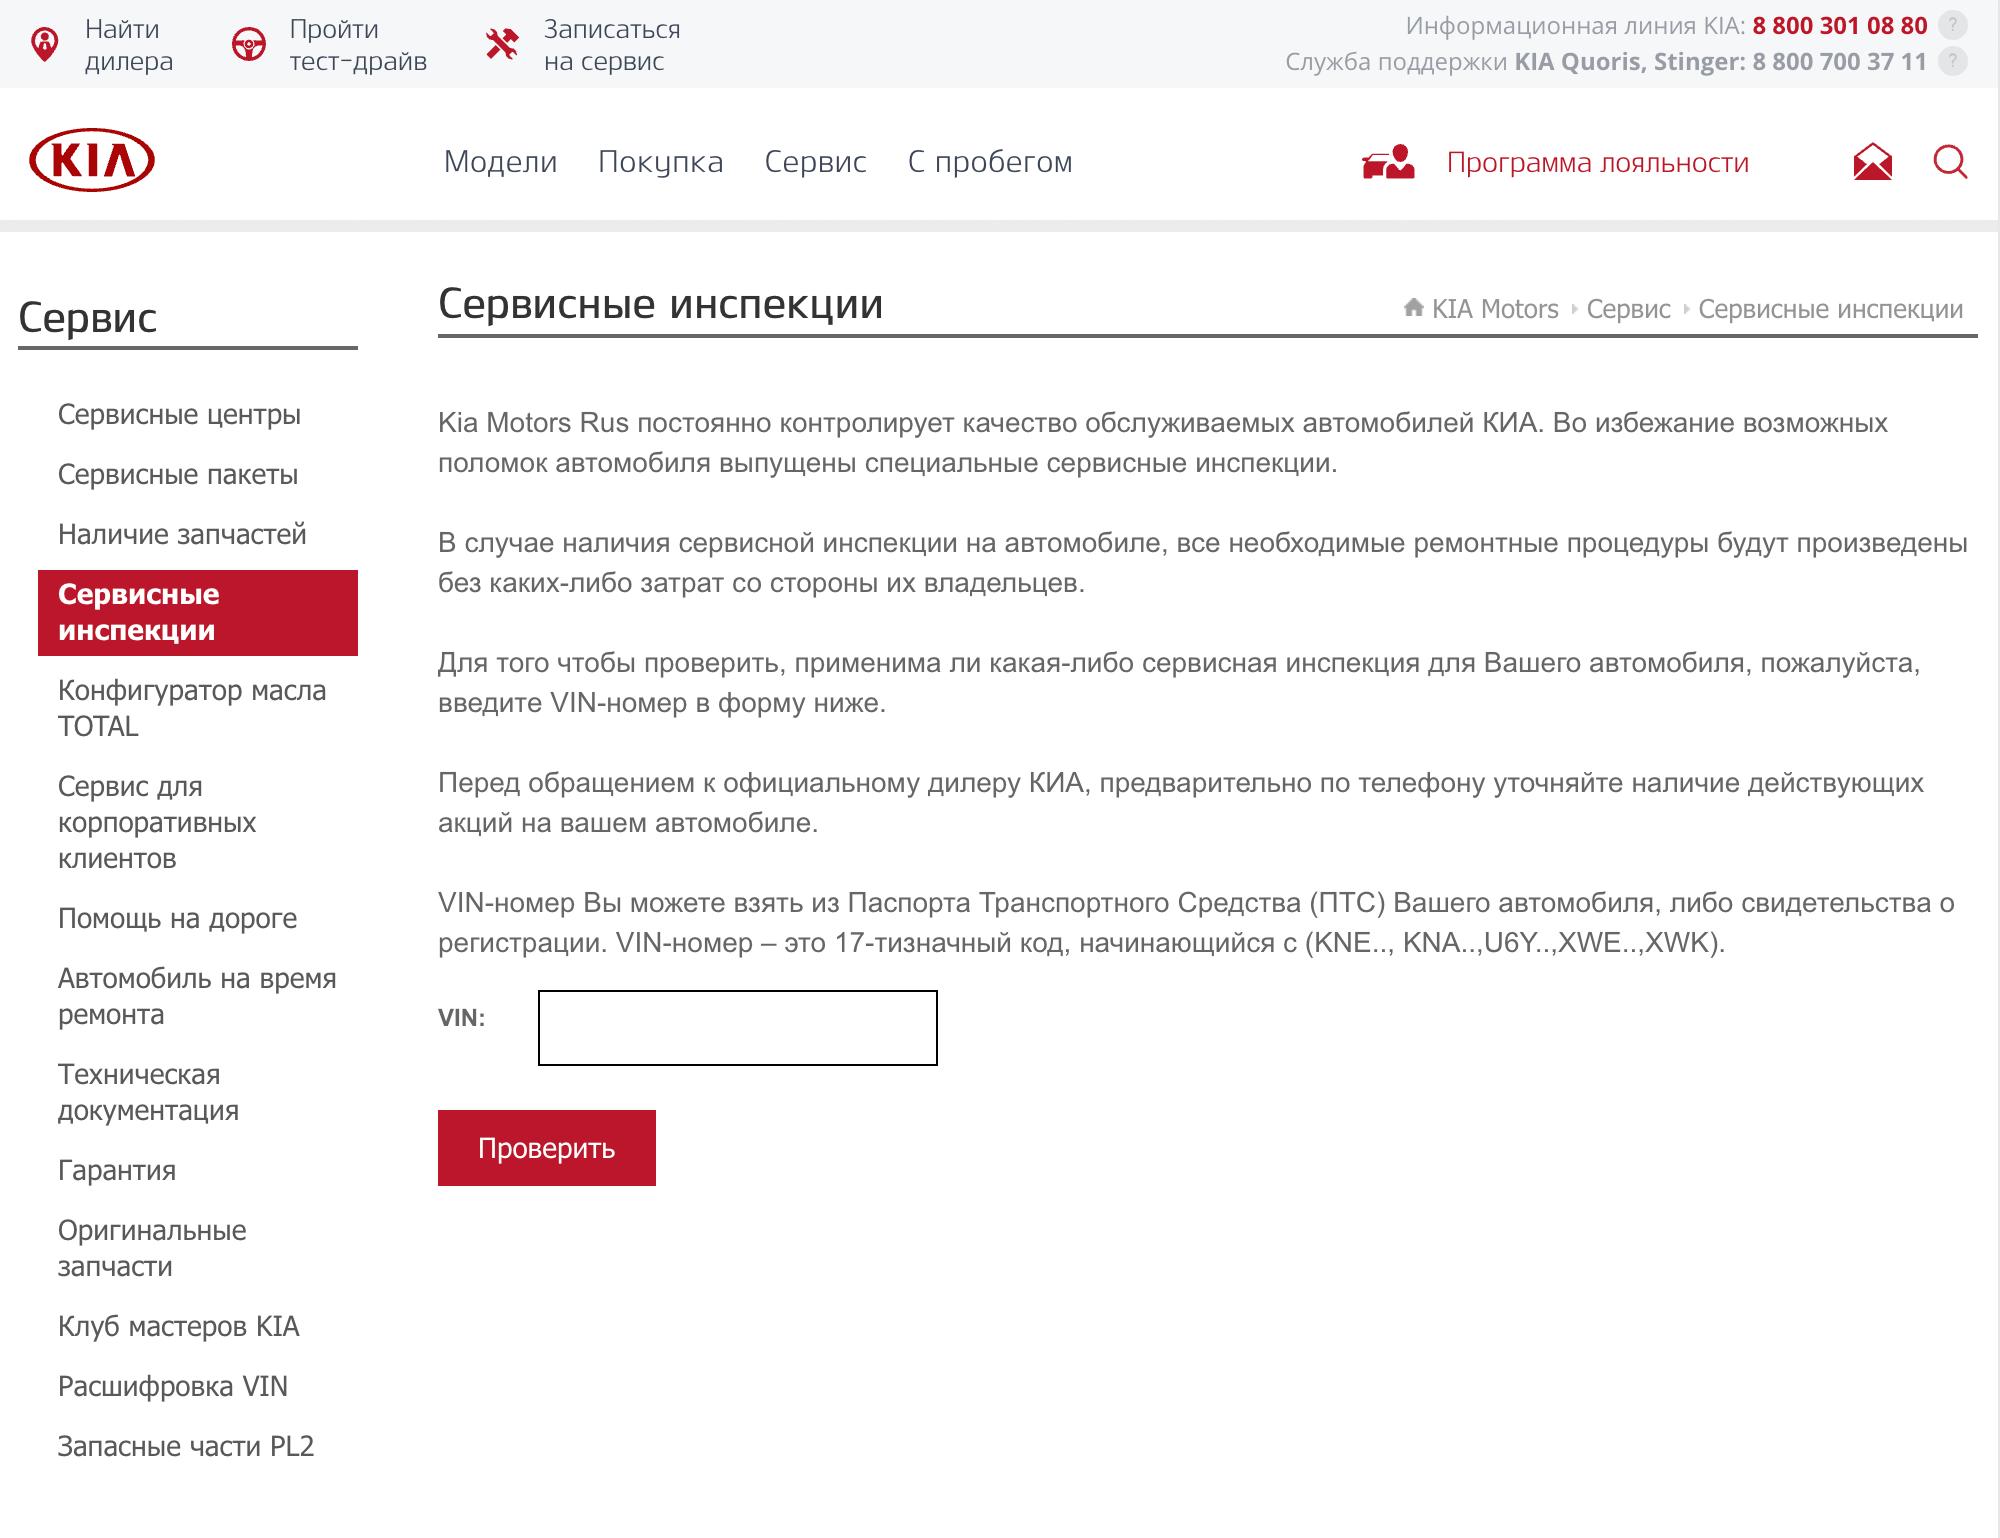 На сайте «Киа» страничка проверки находится в меню «Сервис» — «Сервисные инспекции». Можно найти через обычные поисковые системы